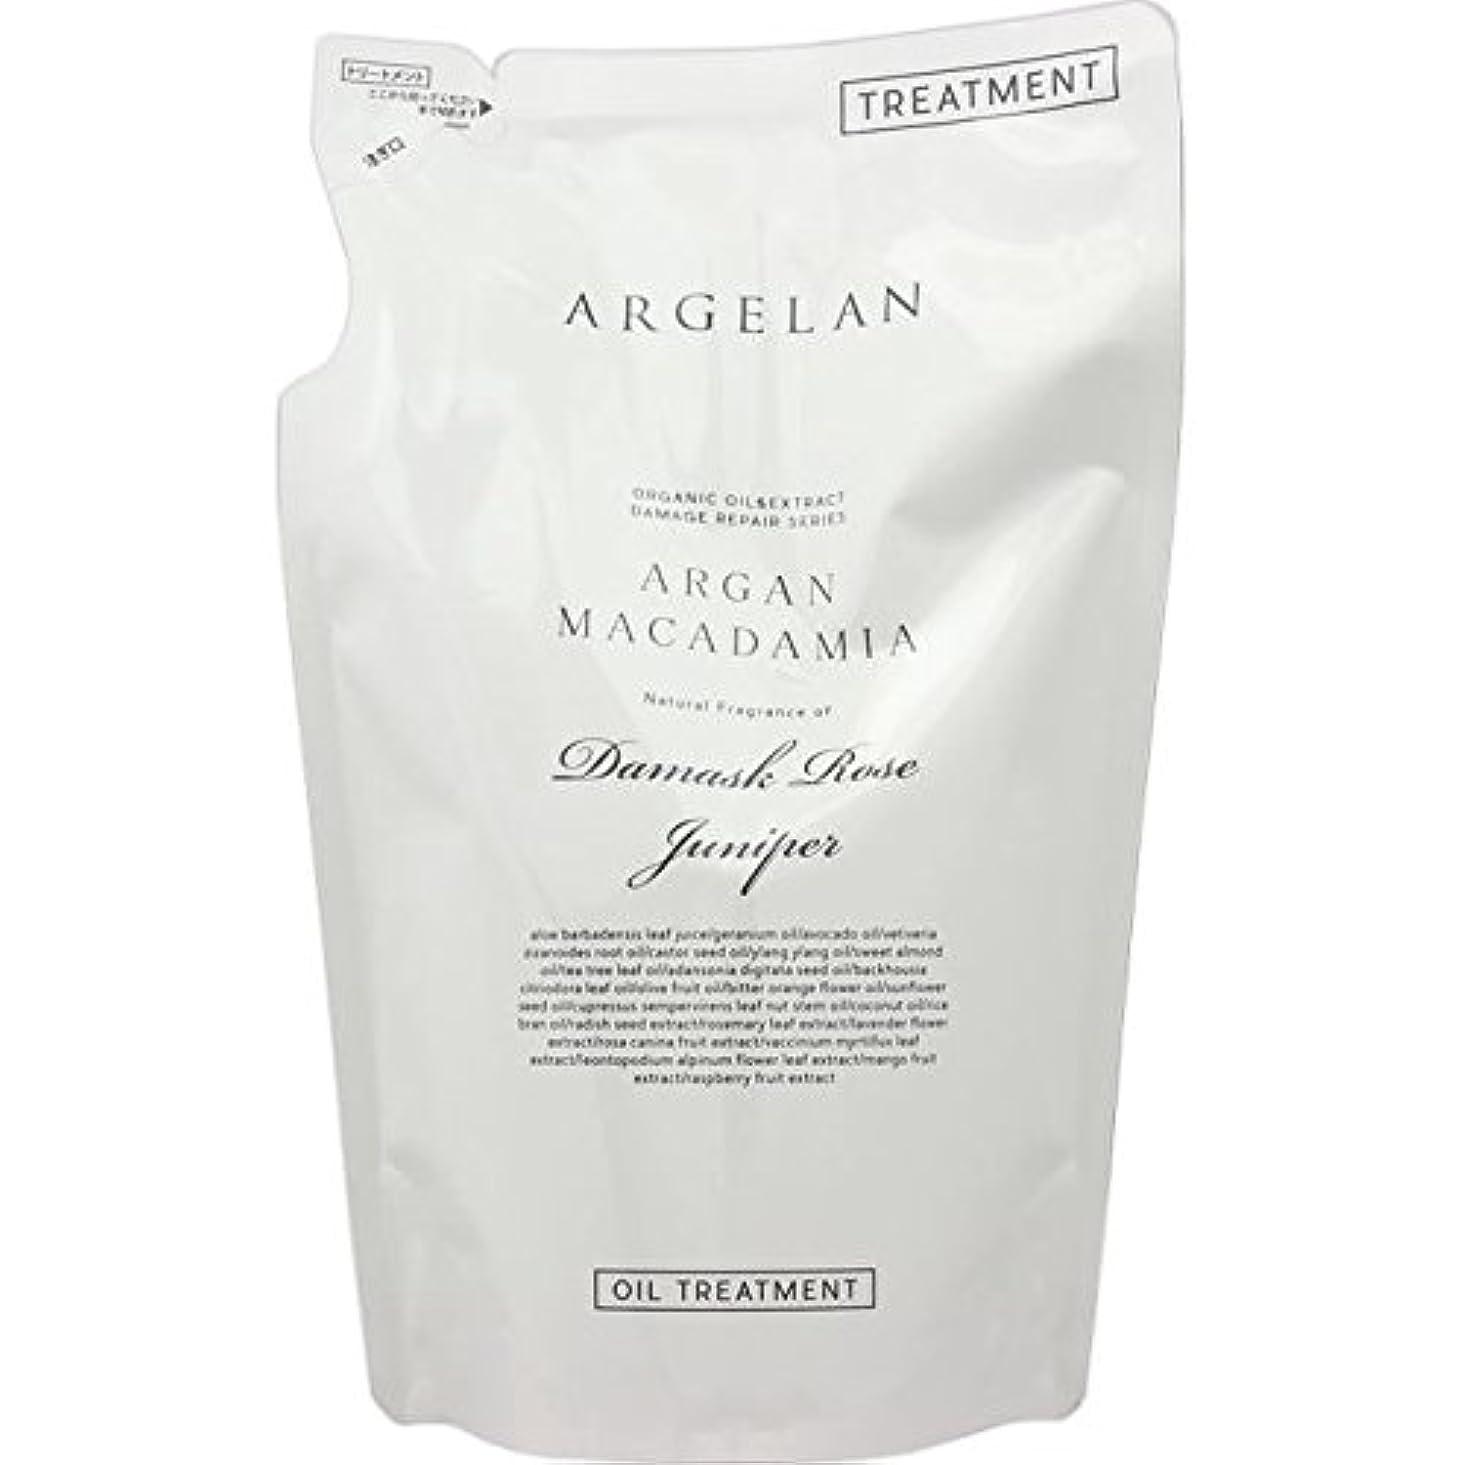 ひいきにするメキシコ床を掃除するアルジェラン オーガニック 手搾りアルガン オイル トリートメント 詰替え用 400ml詰替